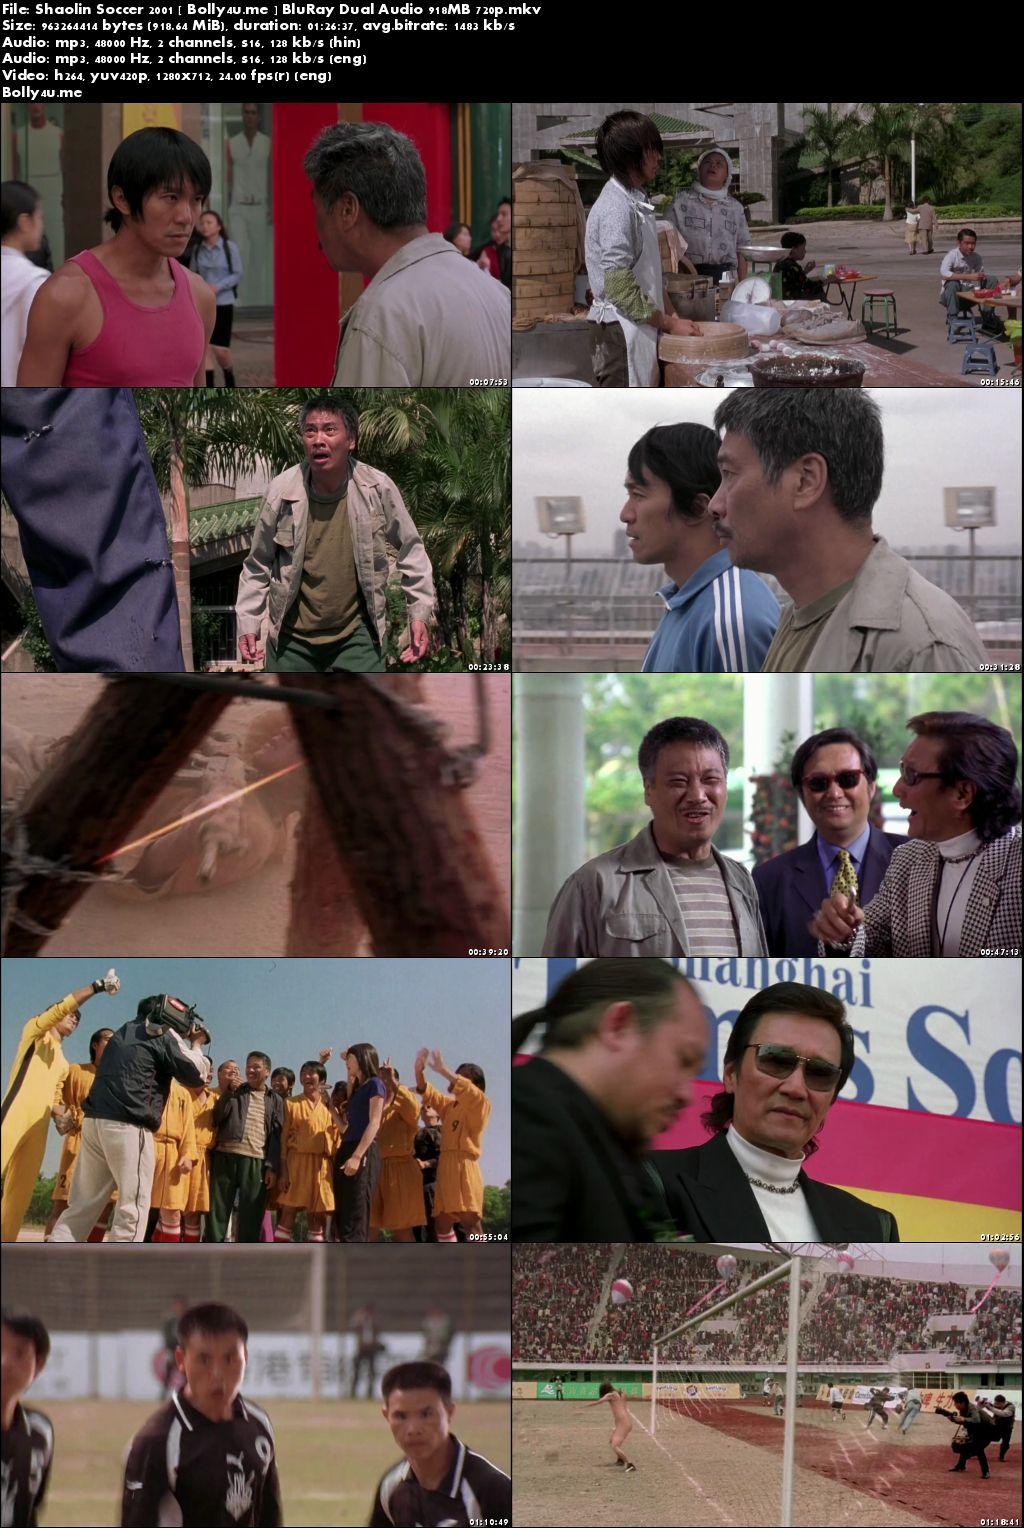 Shaolin Soccer 2001 BluRay 900MB Hindi Dual Audio 720p Download